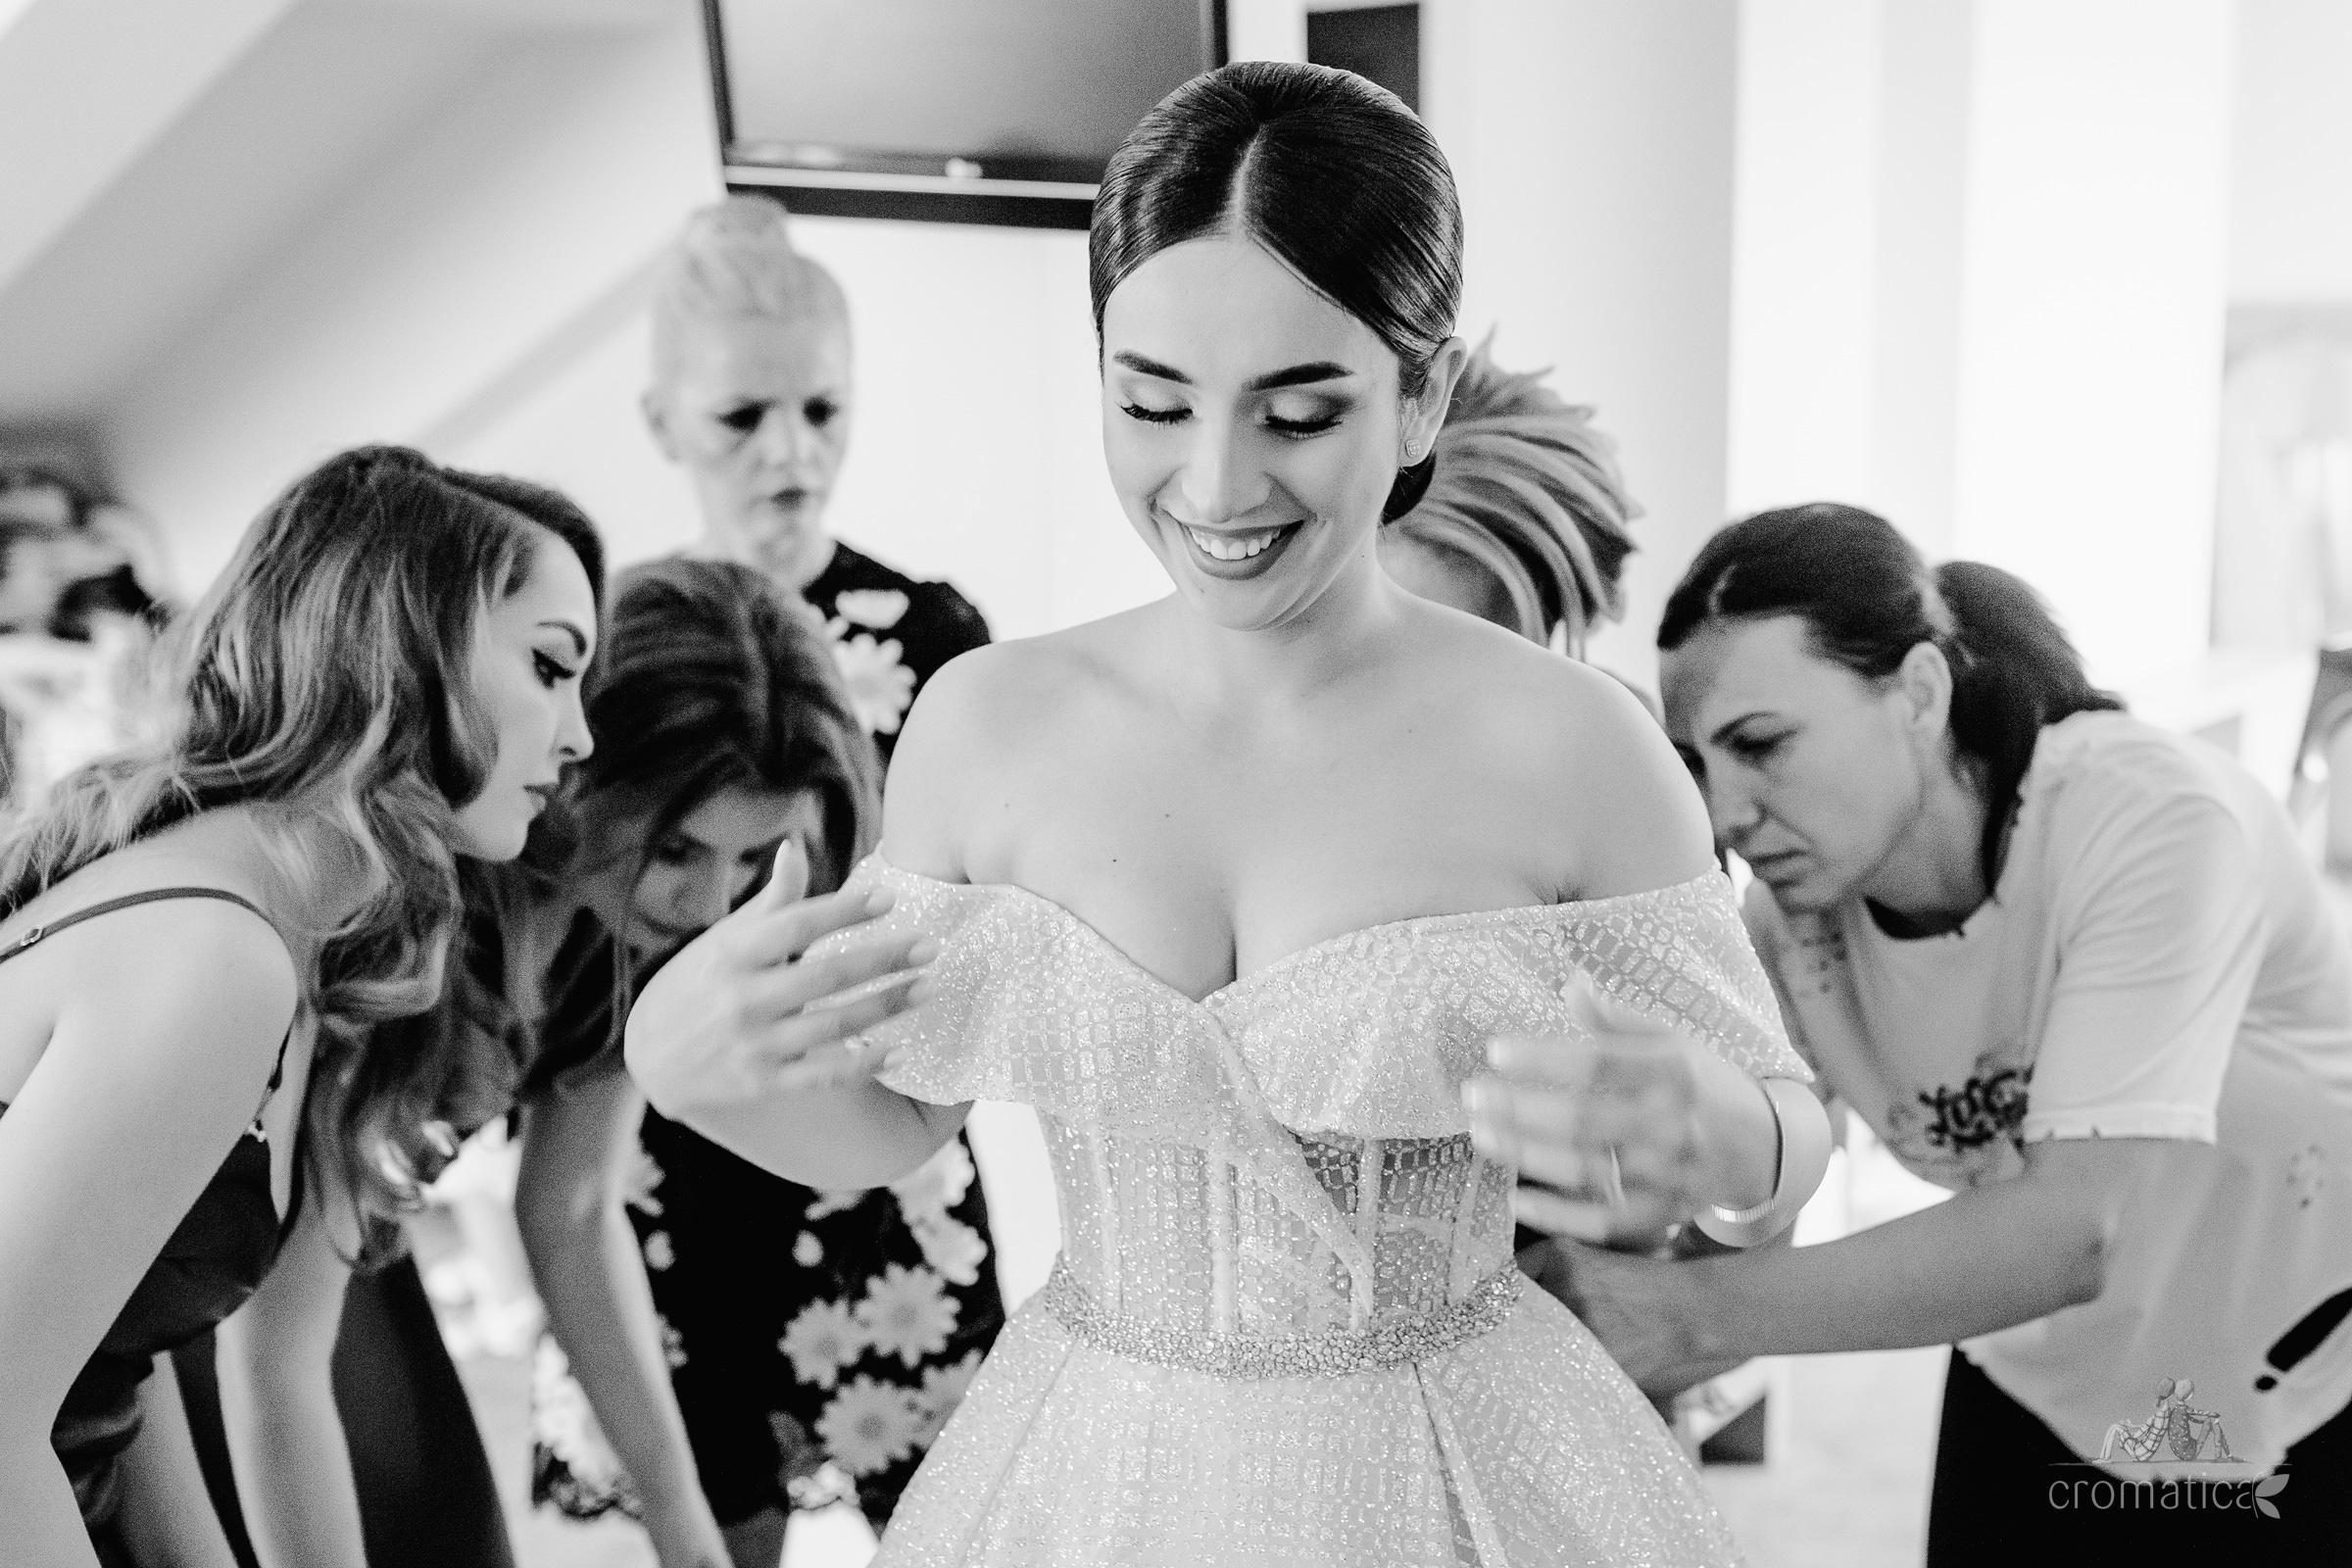 oana alex fotografii nunta rm valcea 006